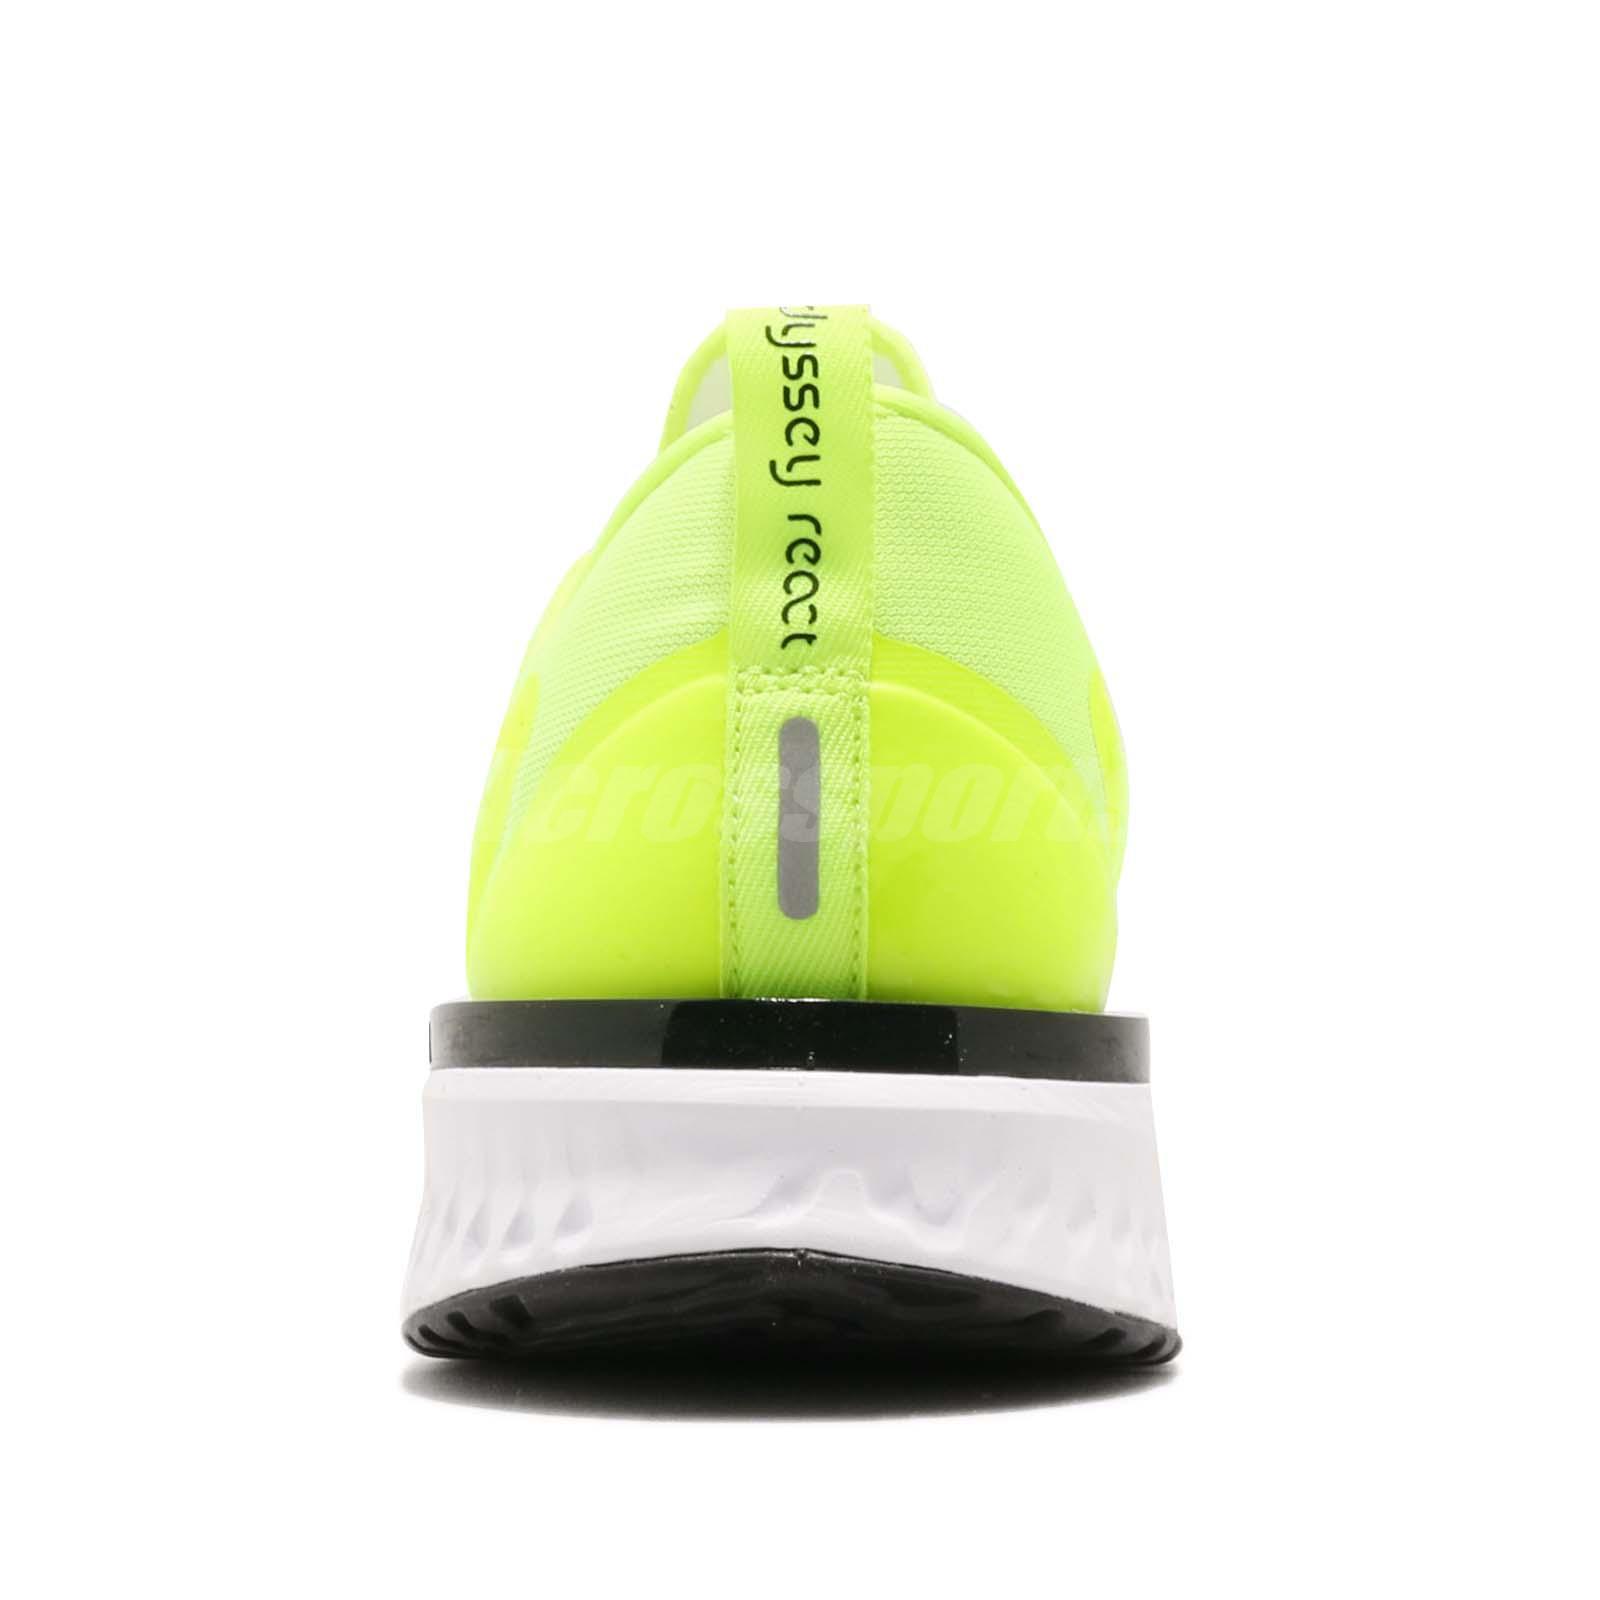 4e625519837e5 Nike Odyssey React White Black Volt Men Running Training Shoe ...